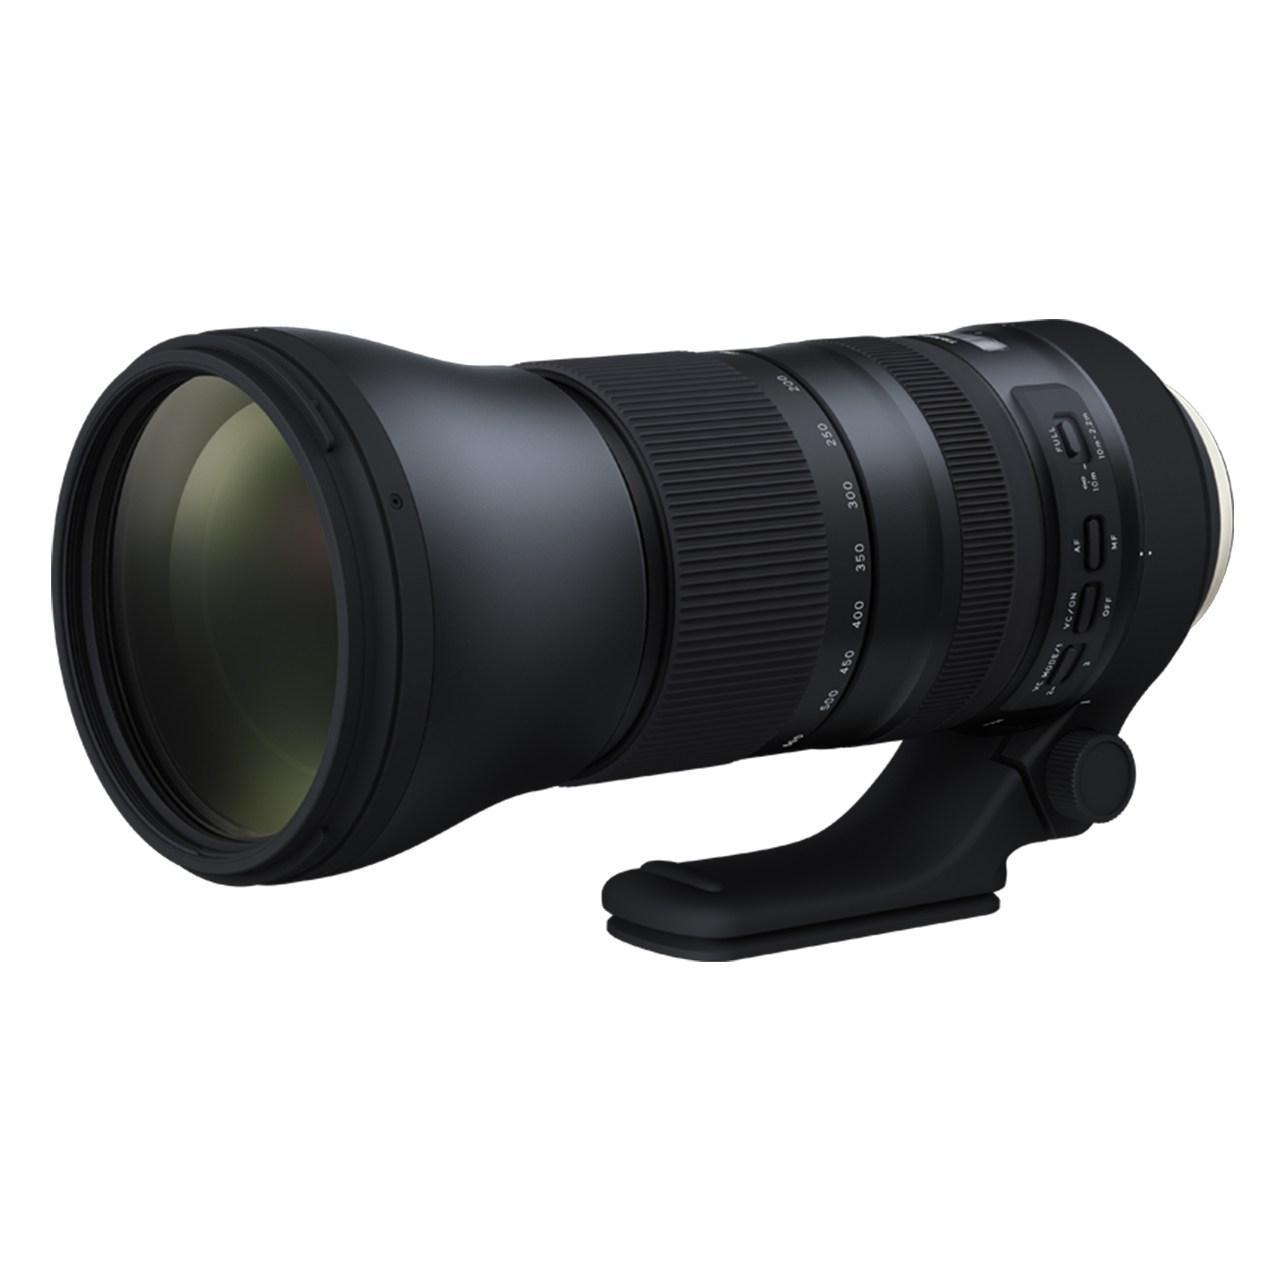 لنز تامرون مدل SP150-600mm F5-6.3 VC USD G2 مناسب برای دوربینهای نیکون